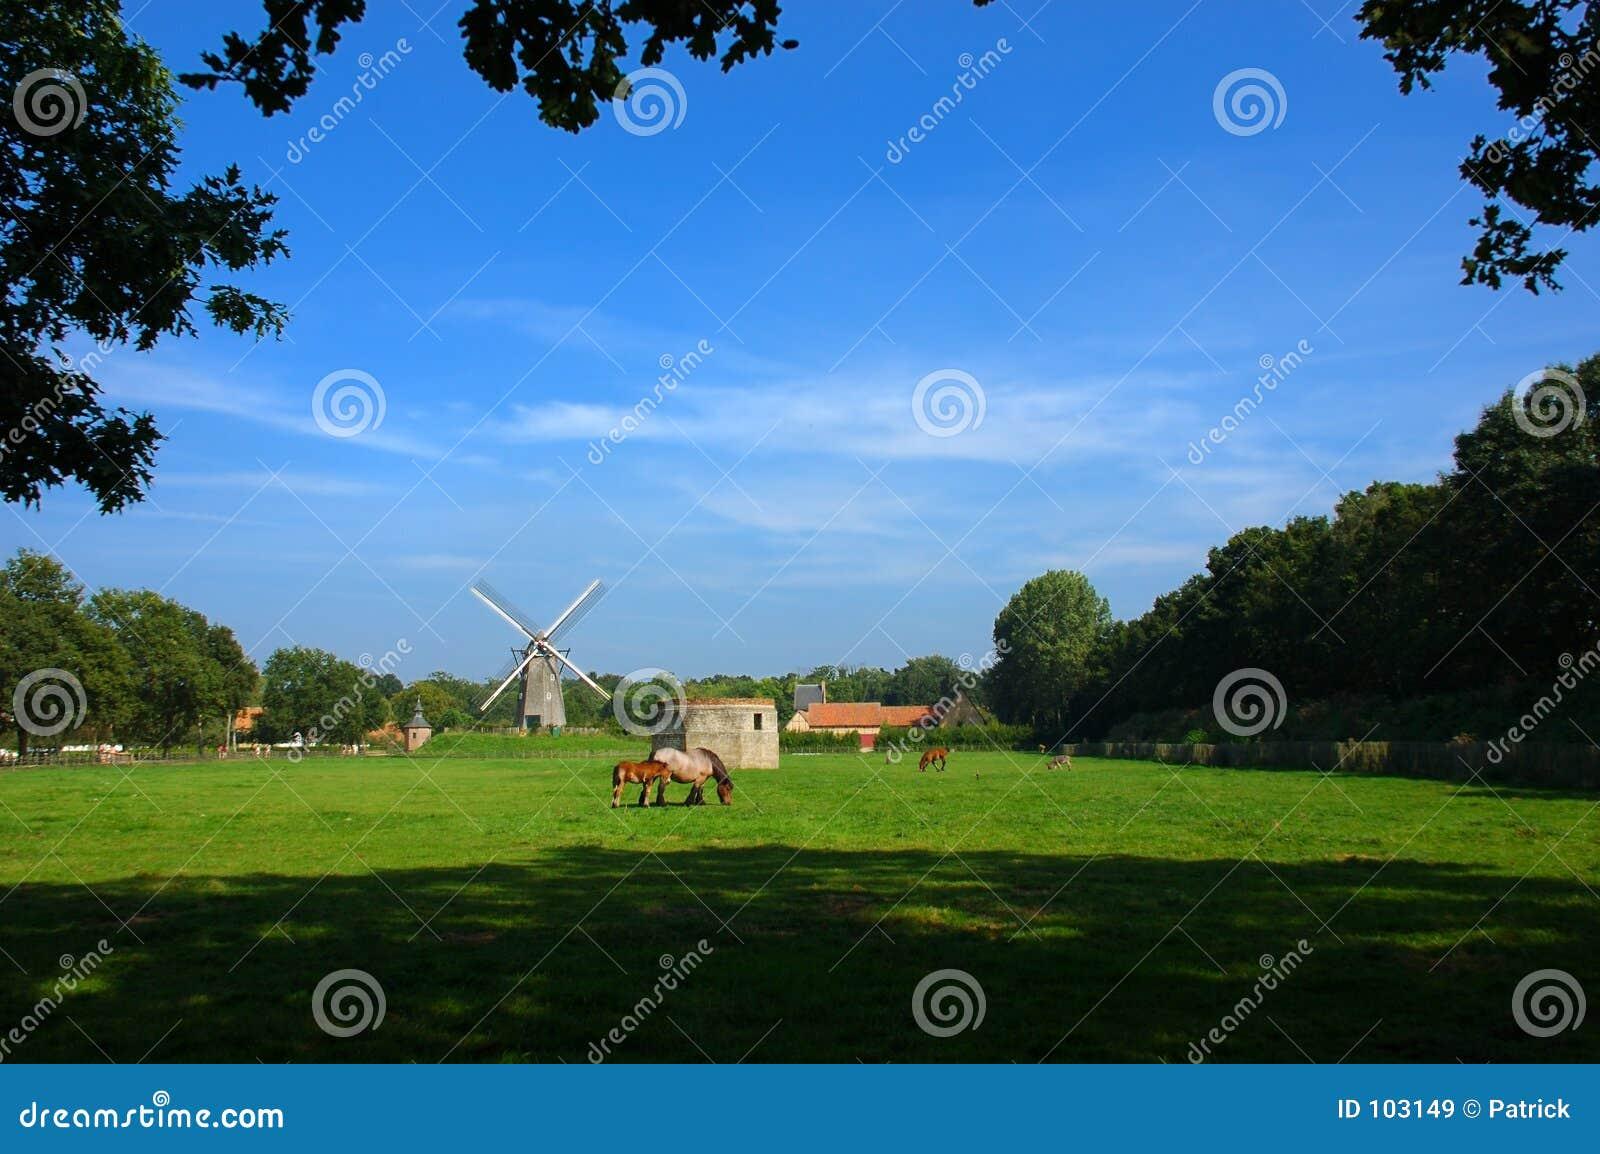 Uma cena rural com um moinho de vento.